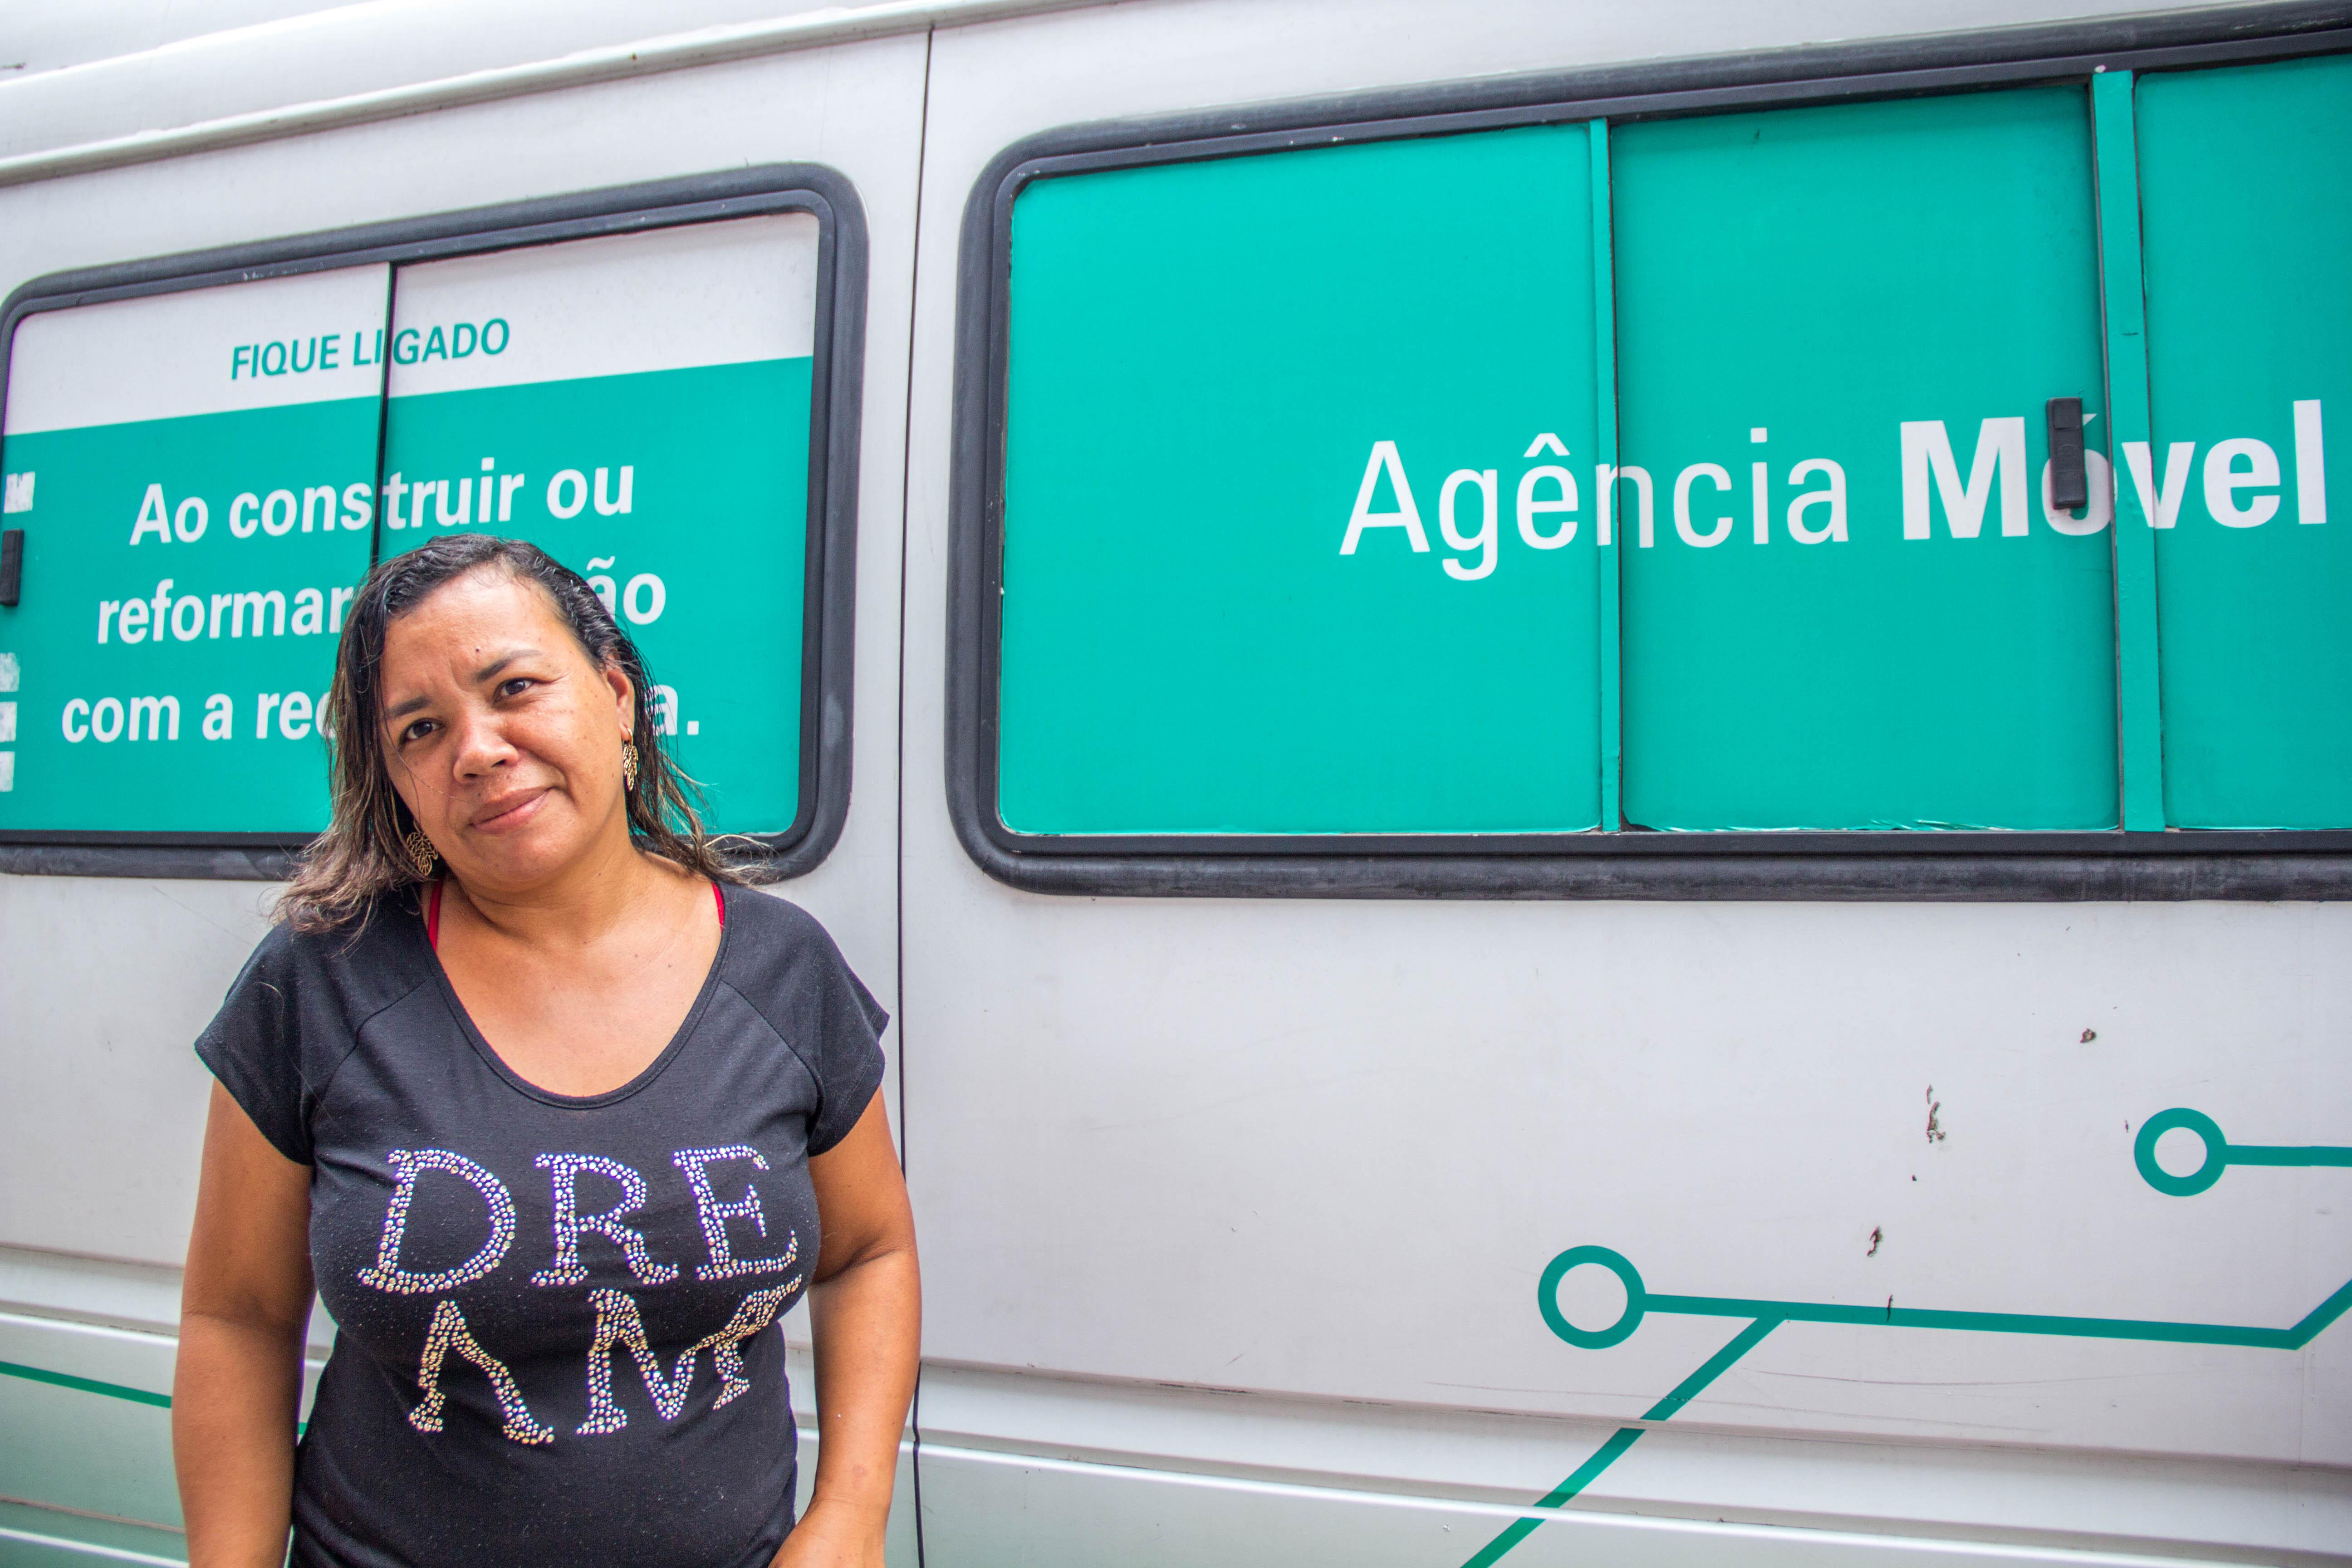 Agência Móvel da Light estará nesta quinta-feira (18/06) na Nova Brasília